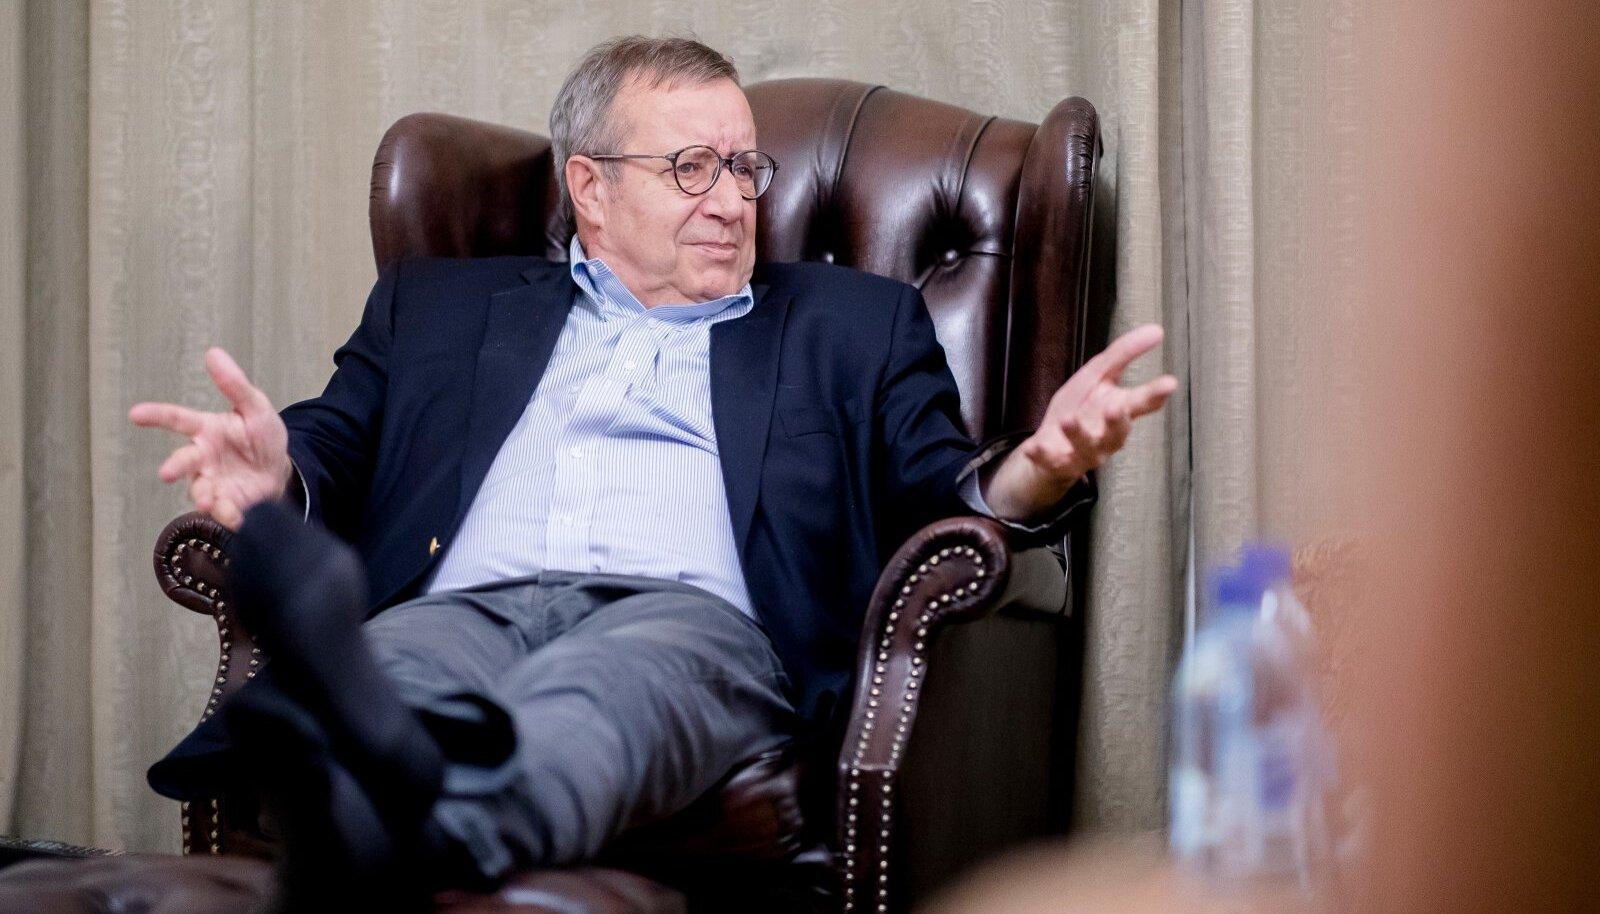 Toomas Hendrik Ilves rõhutab, et ei ole küsimustki – presidendiamet on kindlasti poliitiline.